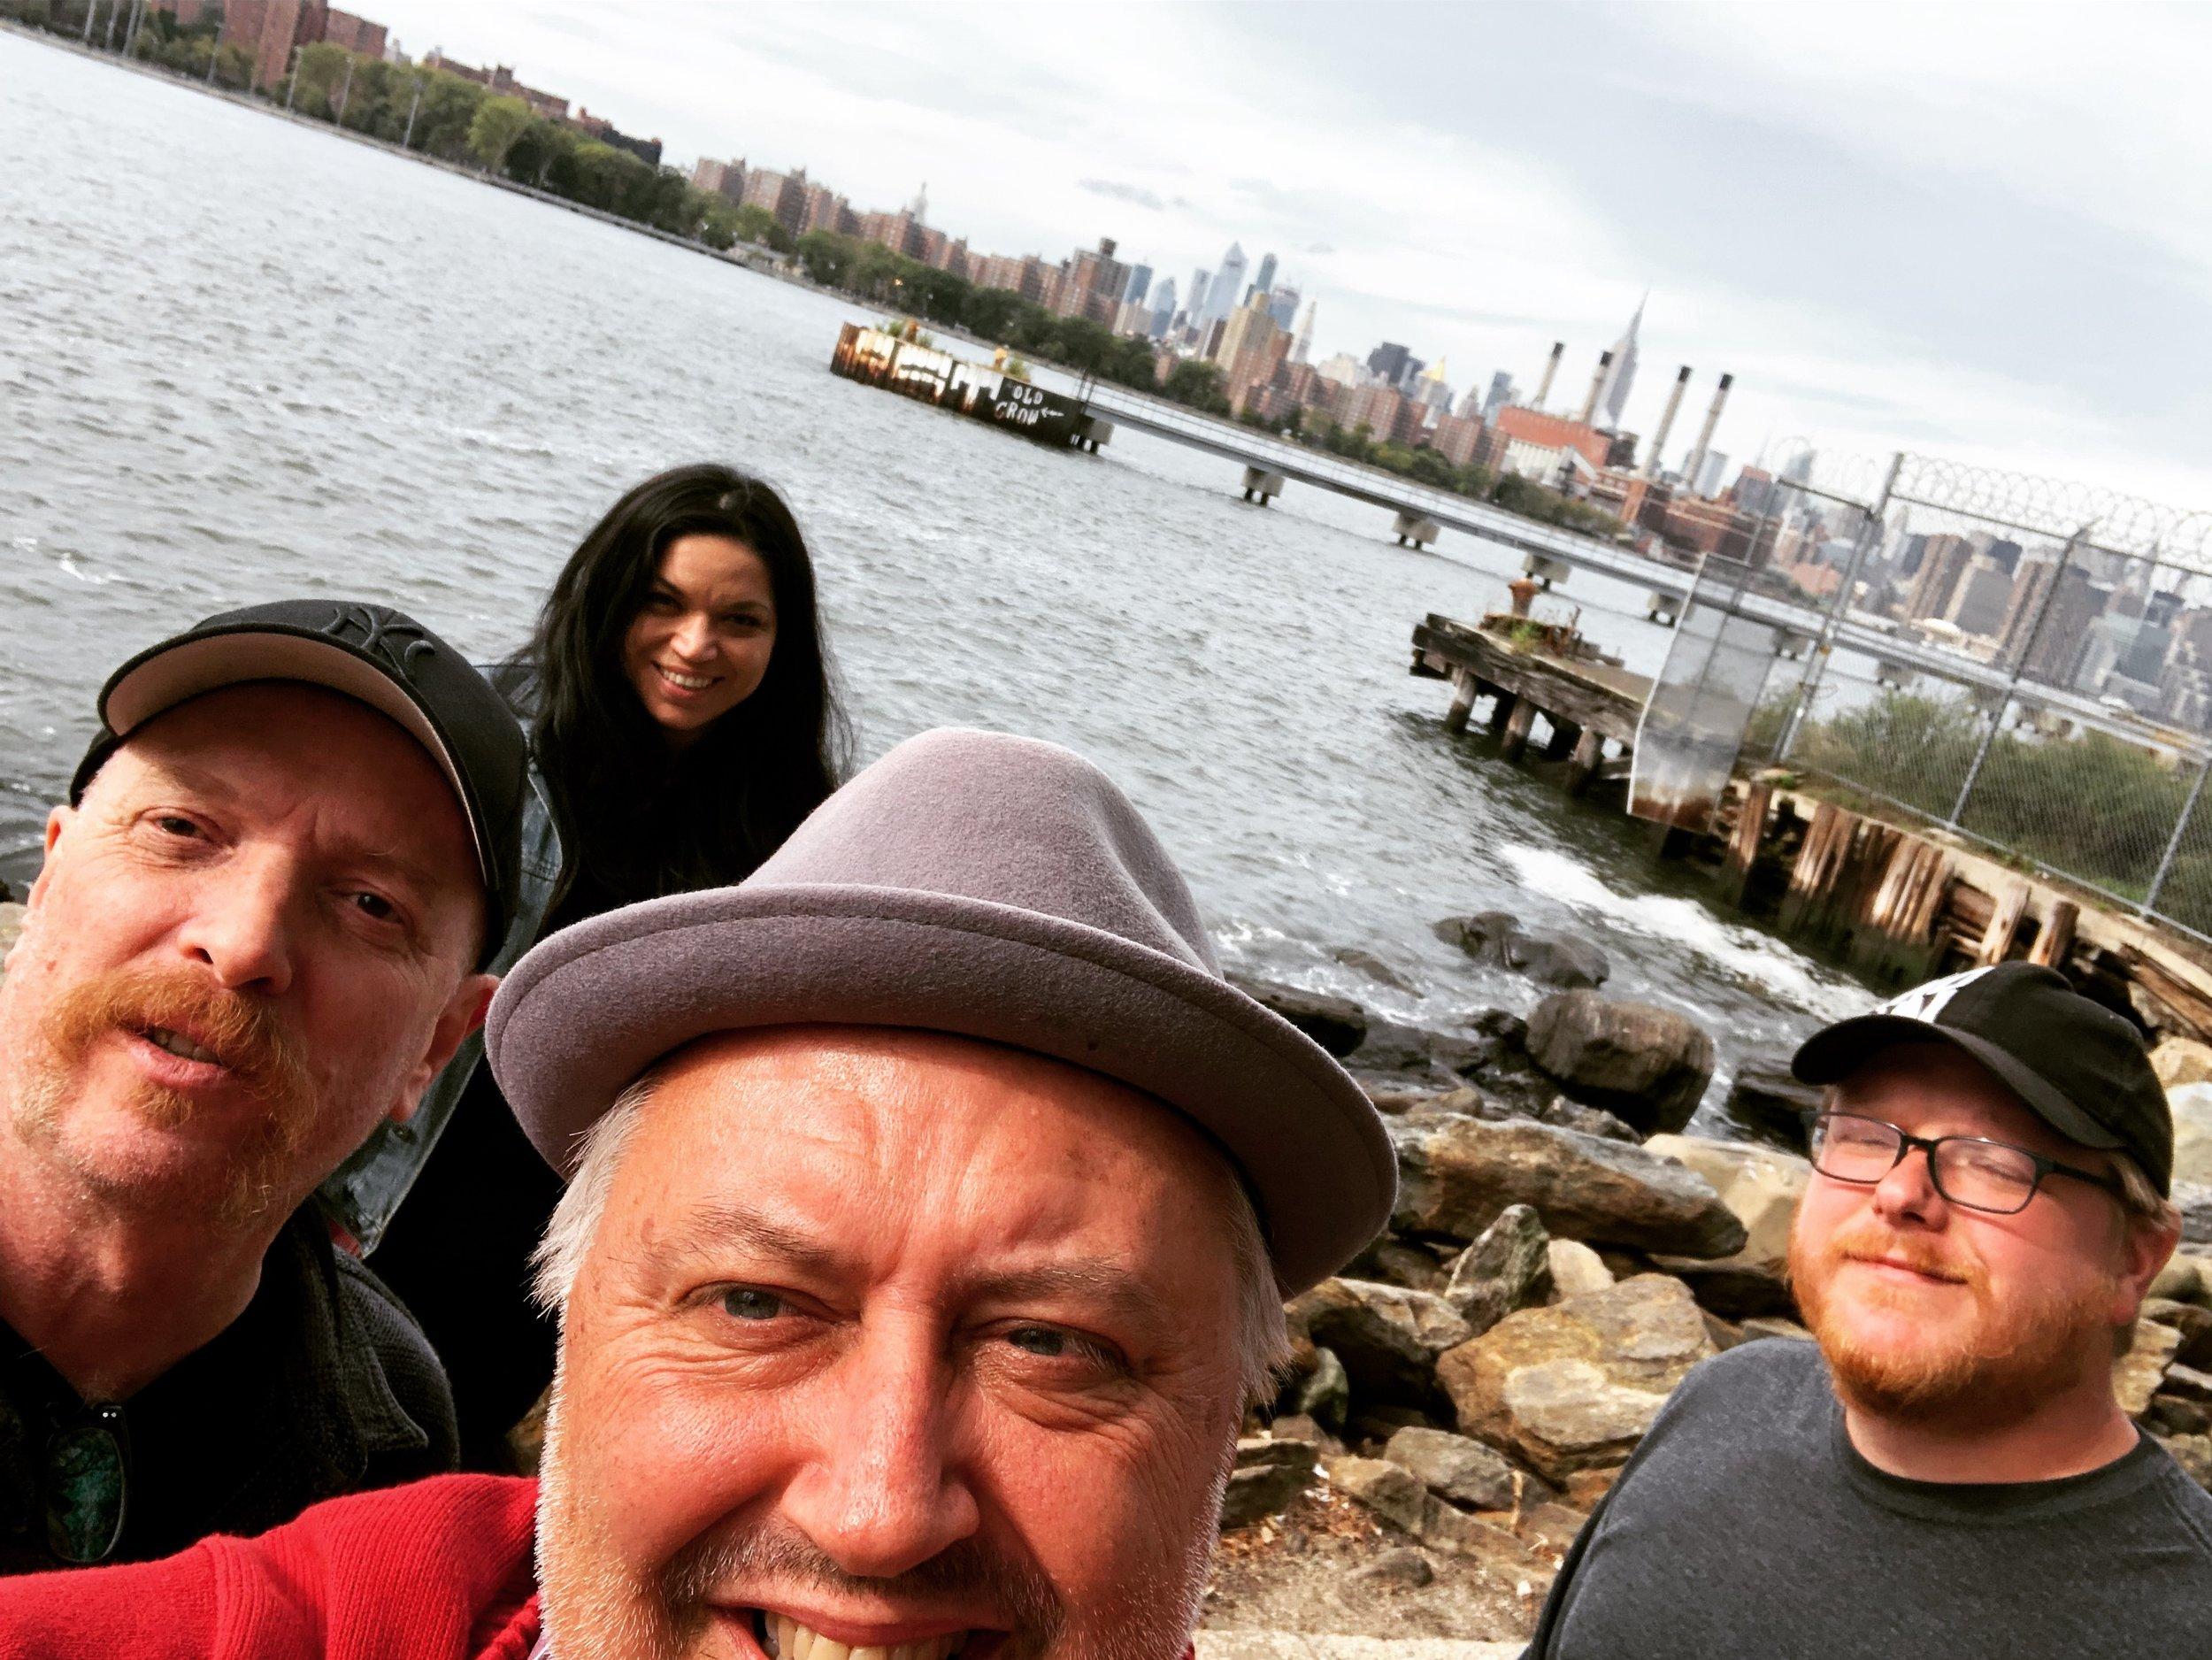 L-R: Fank Funaro, Hils Lopez, Brick Briscoe, AJ Casey in Williamsbug, Brooklyn